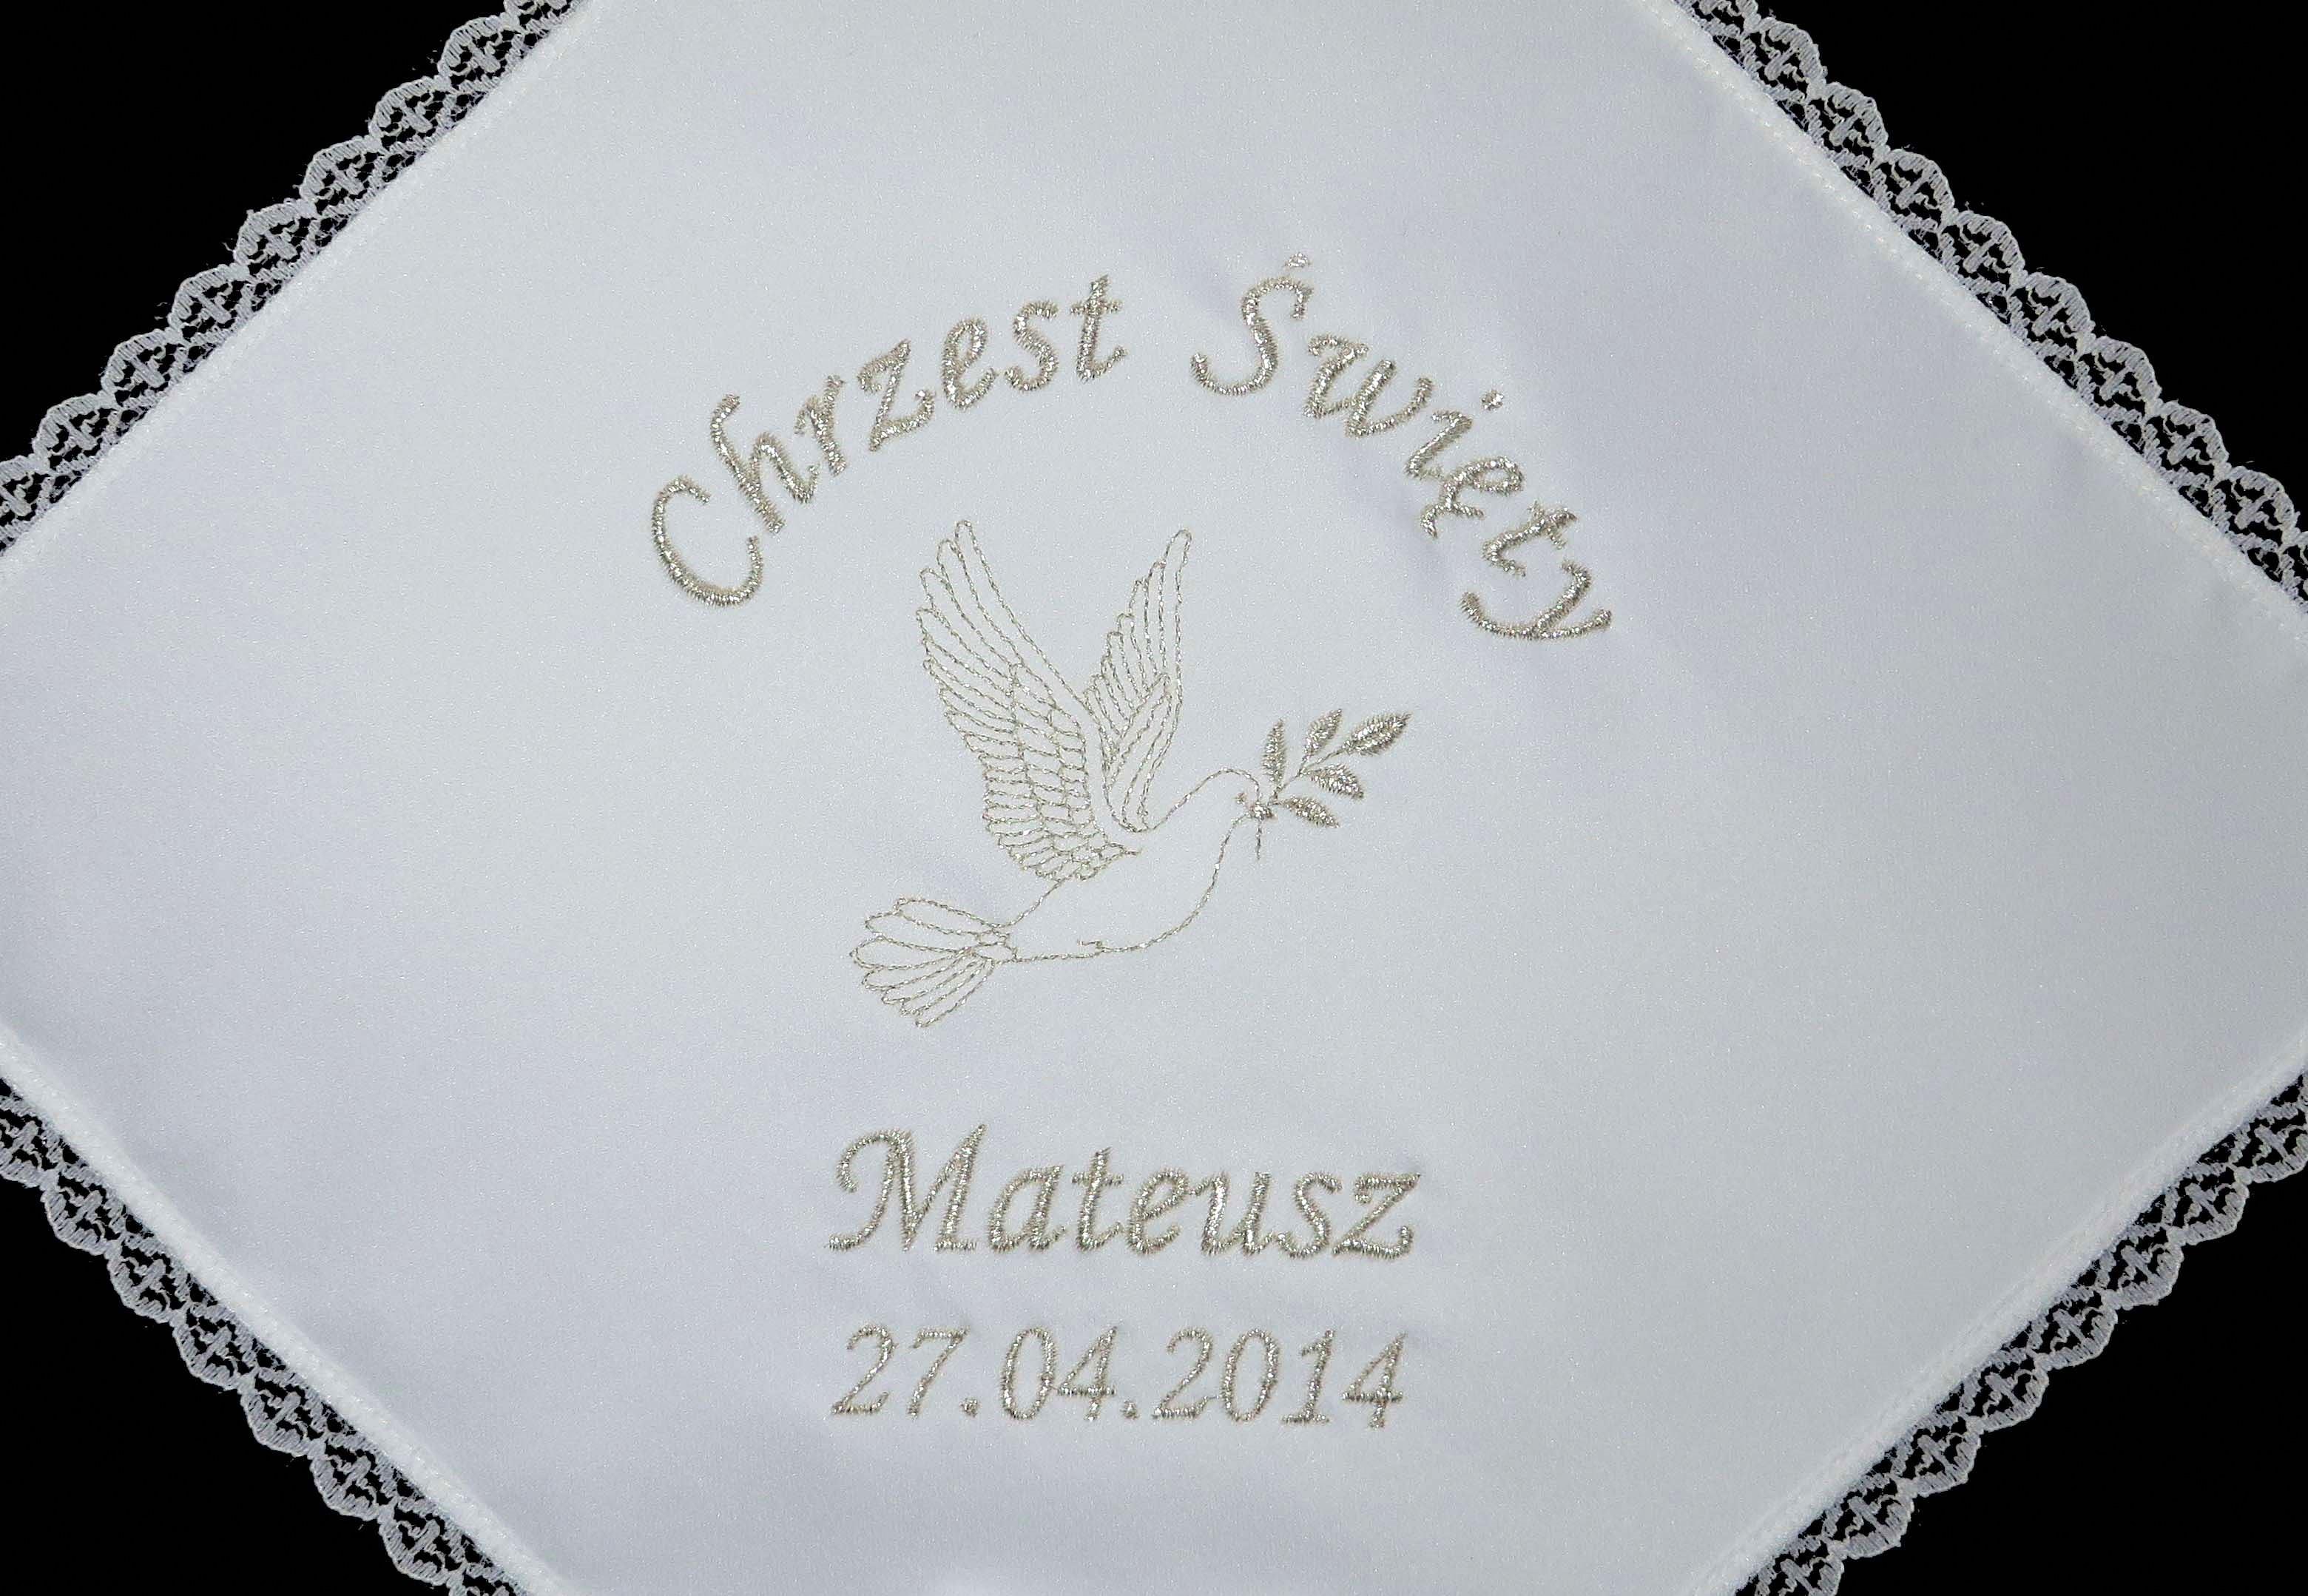 szatki do chrztu na chrzest krzyżmo chrzczonka chusteczka chusta chrzciny haftowane z haftem imieniem data pamiatka haft komputerowy maszynowy szydelkowakraina